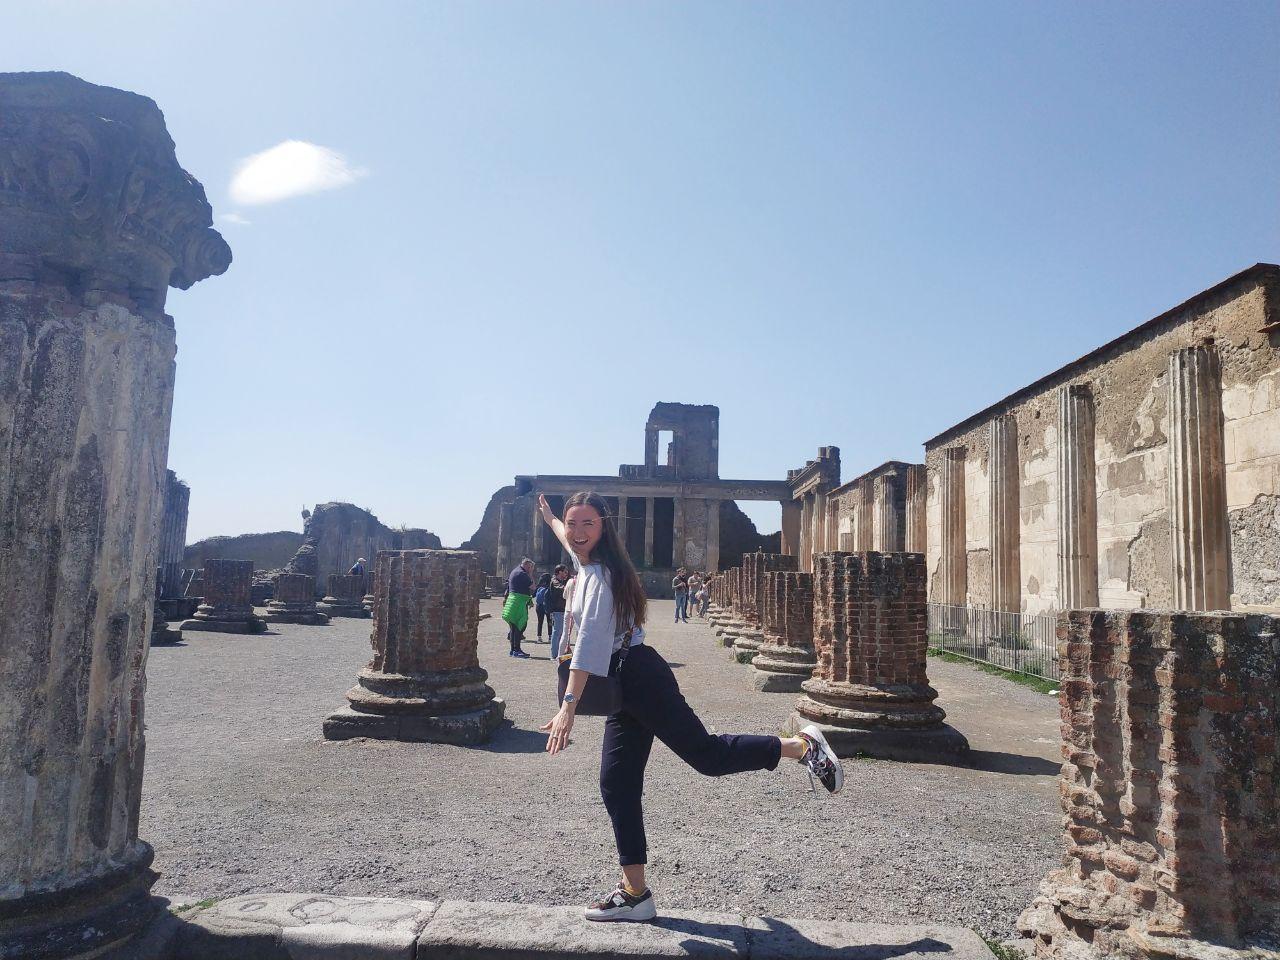 За время жизни в Италии, я посетила 10 разных городов от Аверсы до Рима. Однажды, был интересный опыт: я поехала в Амальфи, это 4 часа от Аверсы, пробыла в городе 2 часа и еще 4 часа езды обратно.